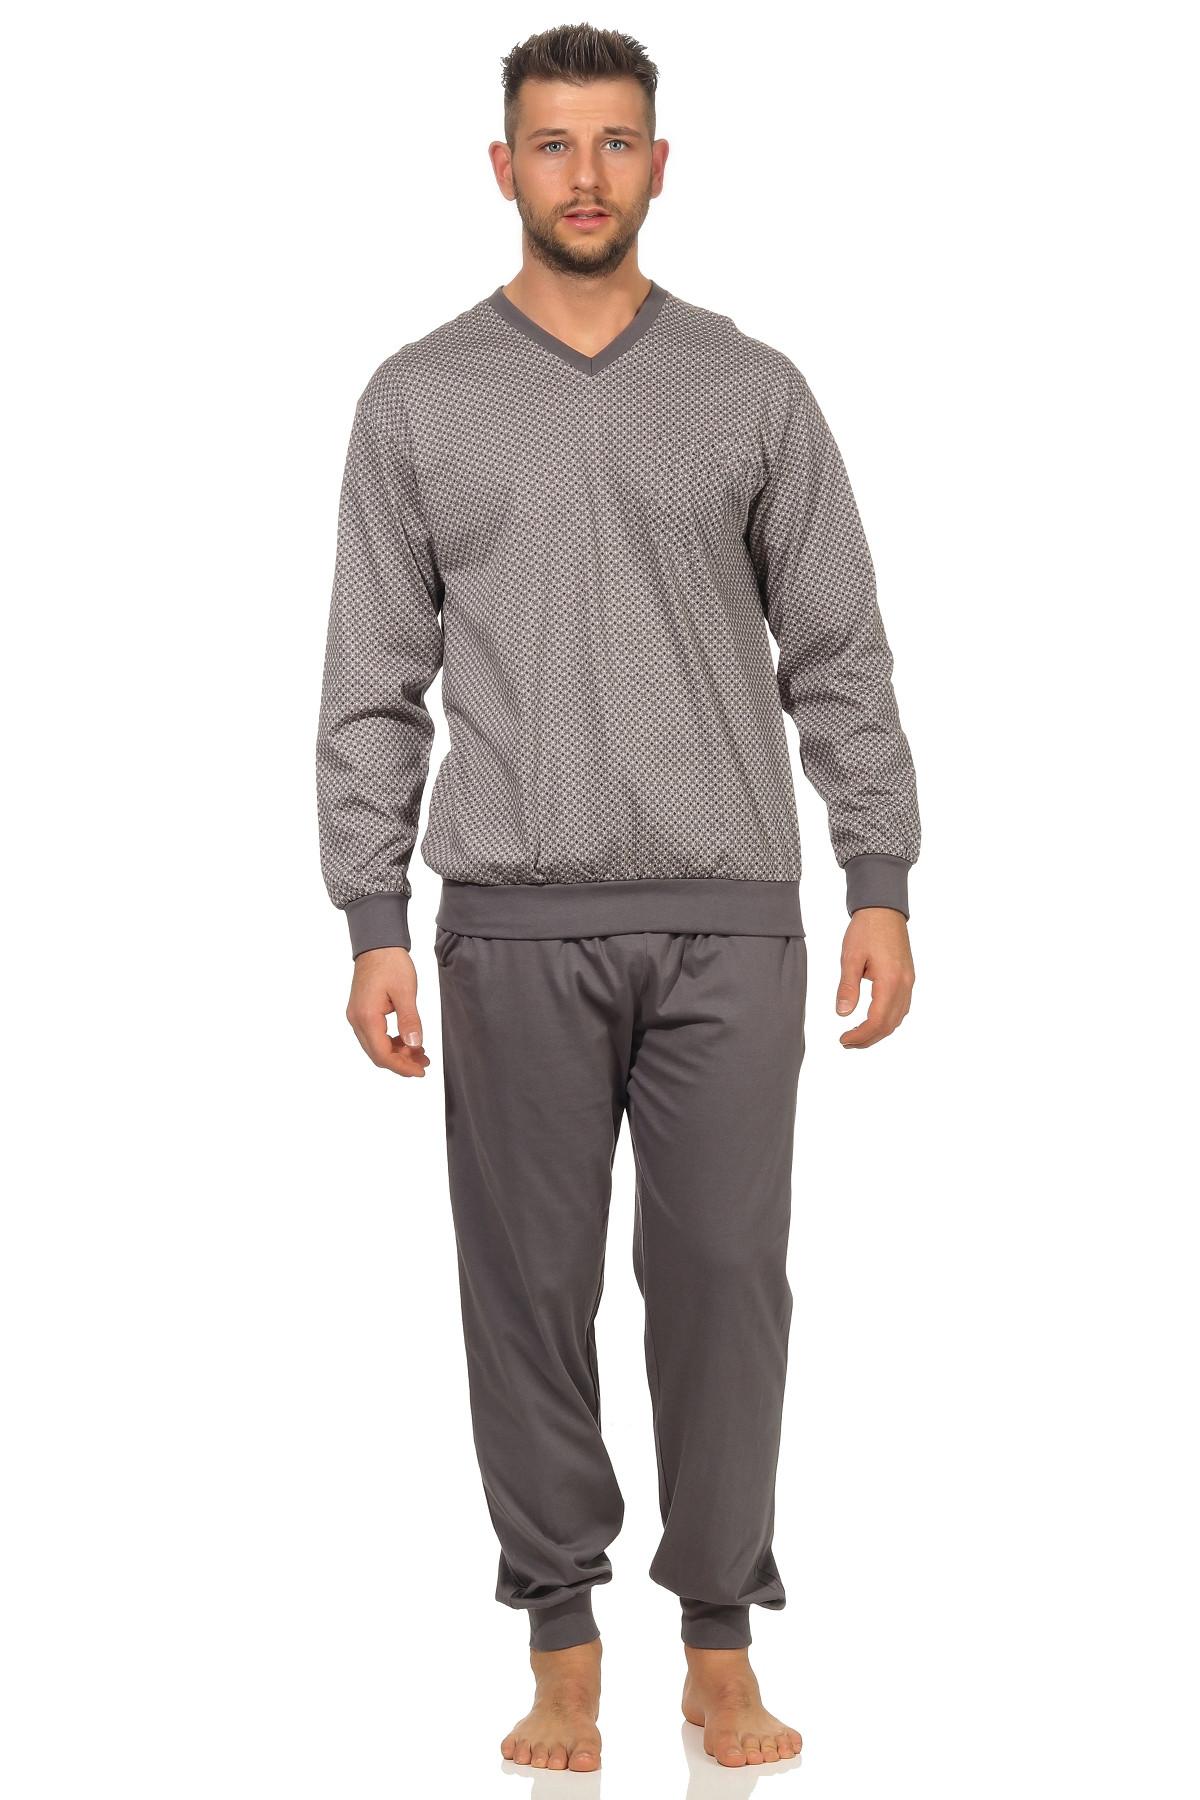 Norman heren pyjama New Men 67391-58-Grijs